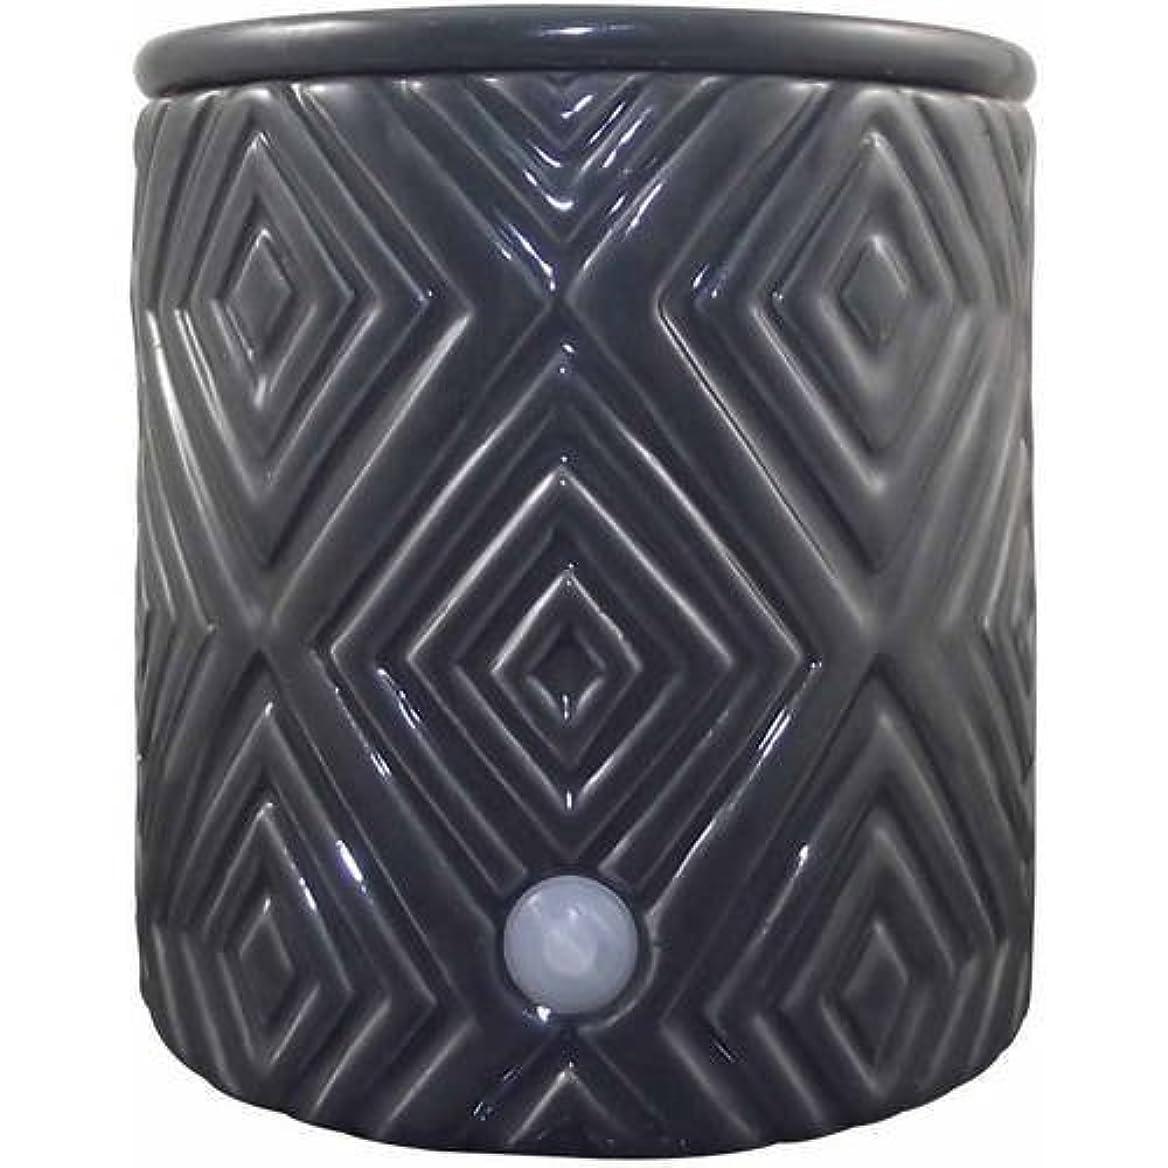 放出麦芽鏡Electric Wax Warmer – Use to Melt Scented Candleキューブ – グリーン装飾 – アロマセラピーAcessory – Fill Yourホームwith Fragrance by...